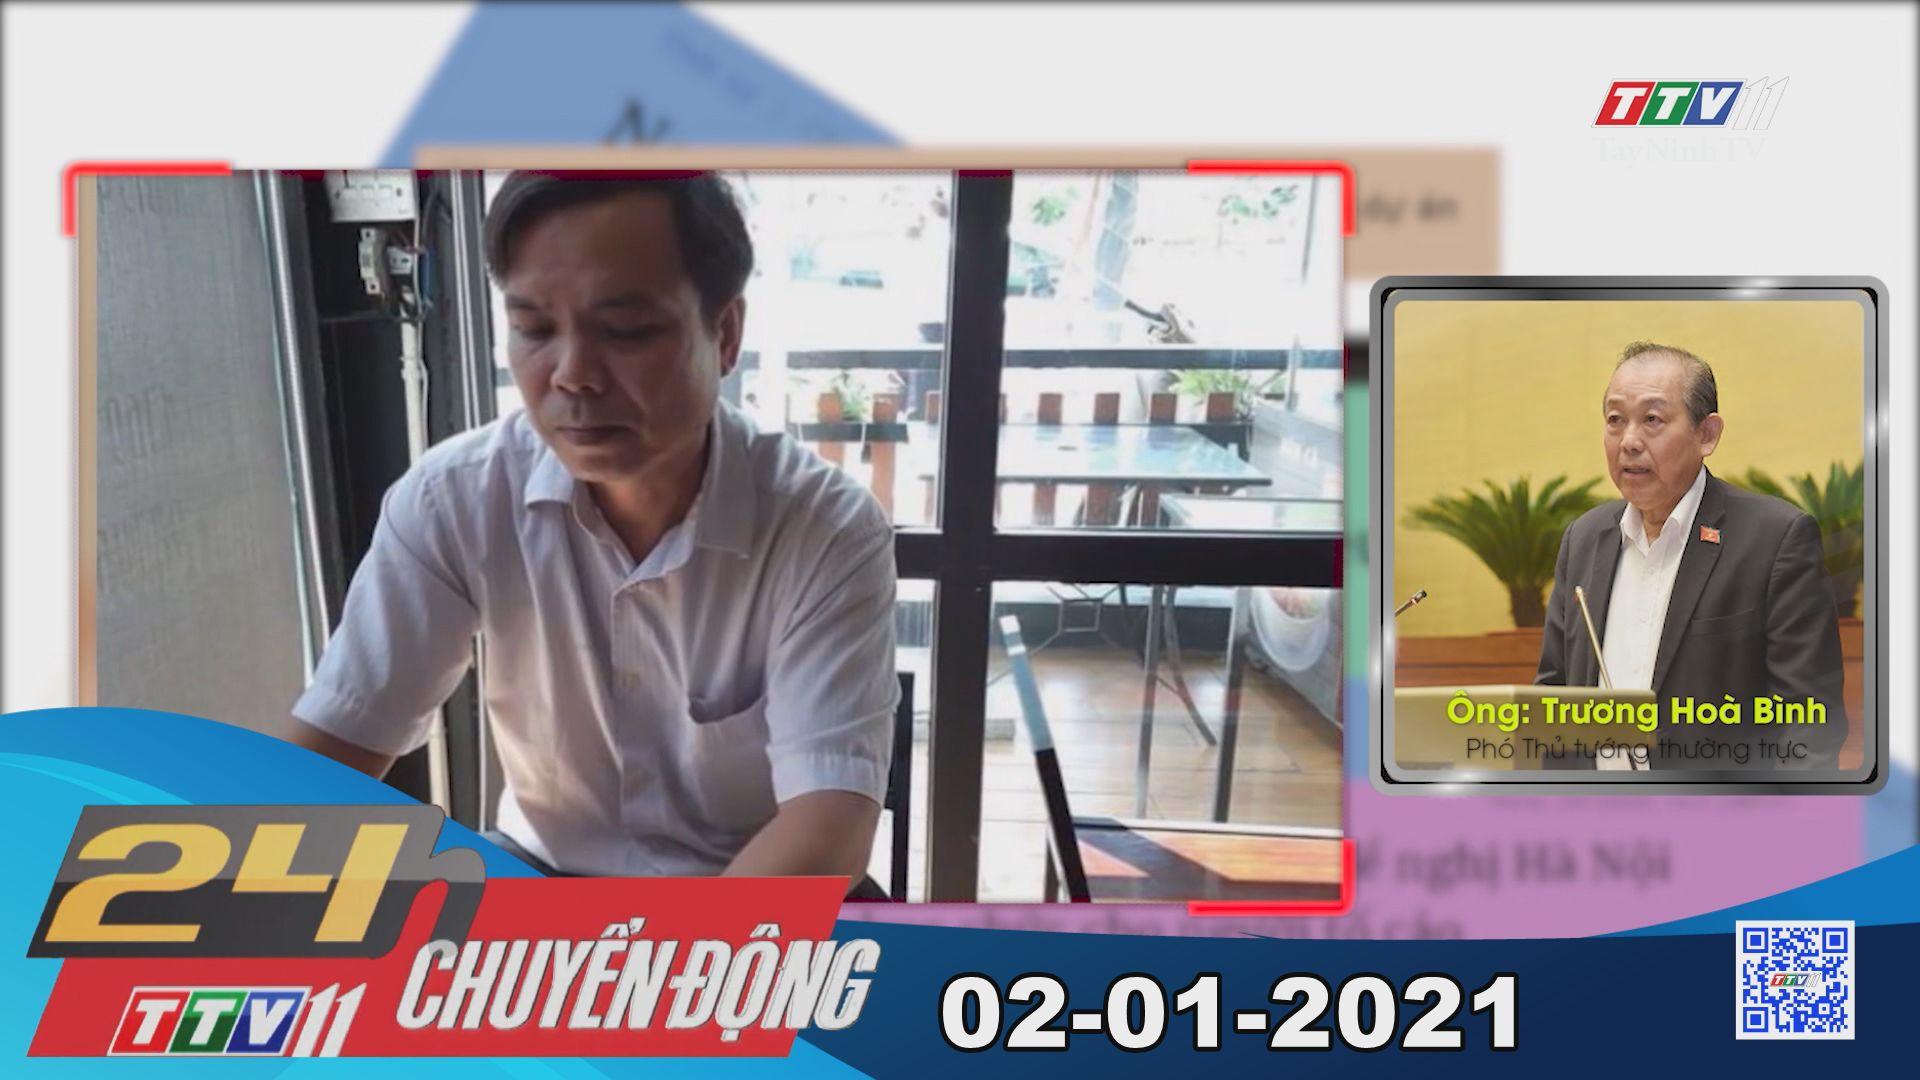 24h Chuyển động 02-01-2021 | Tin tức hôm nay | TayNinhTV